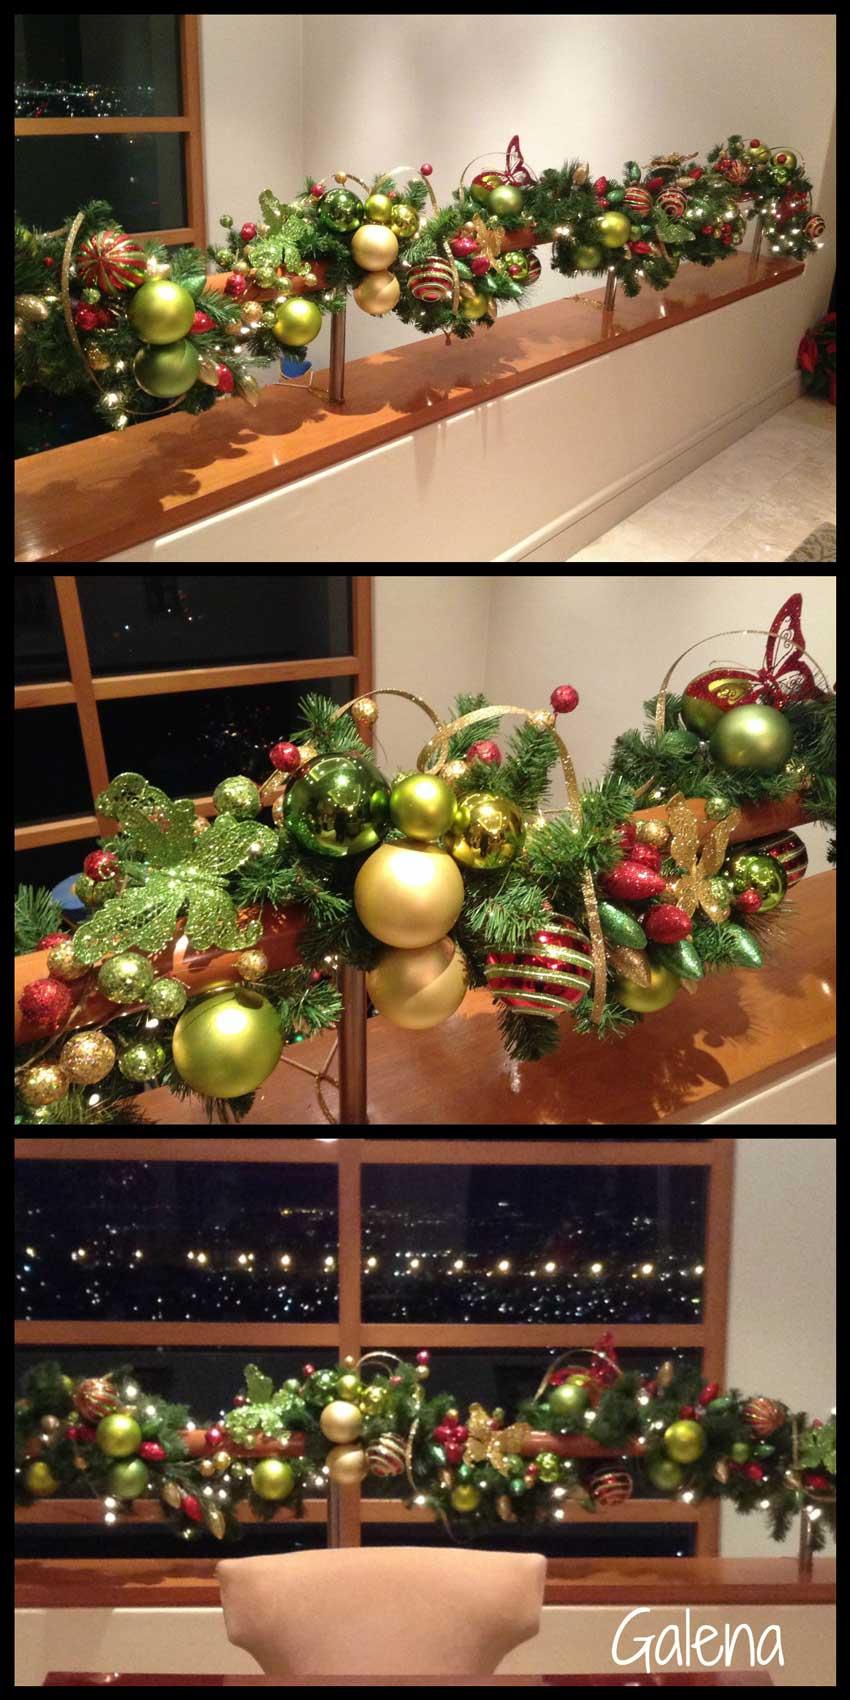 Navidad-Christmas-deco-guirnalda-navideña-collage